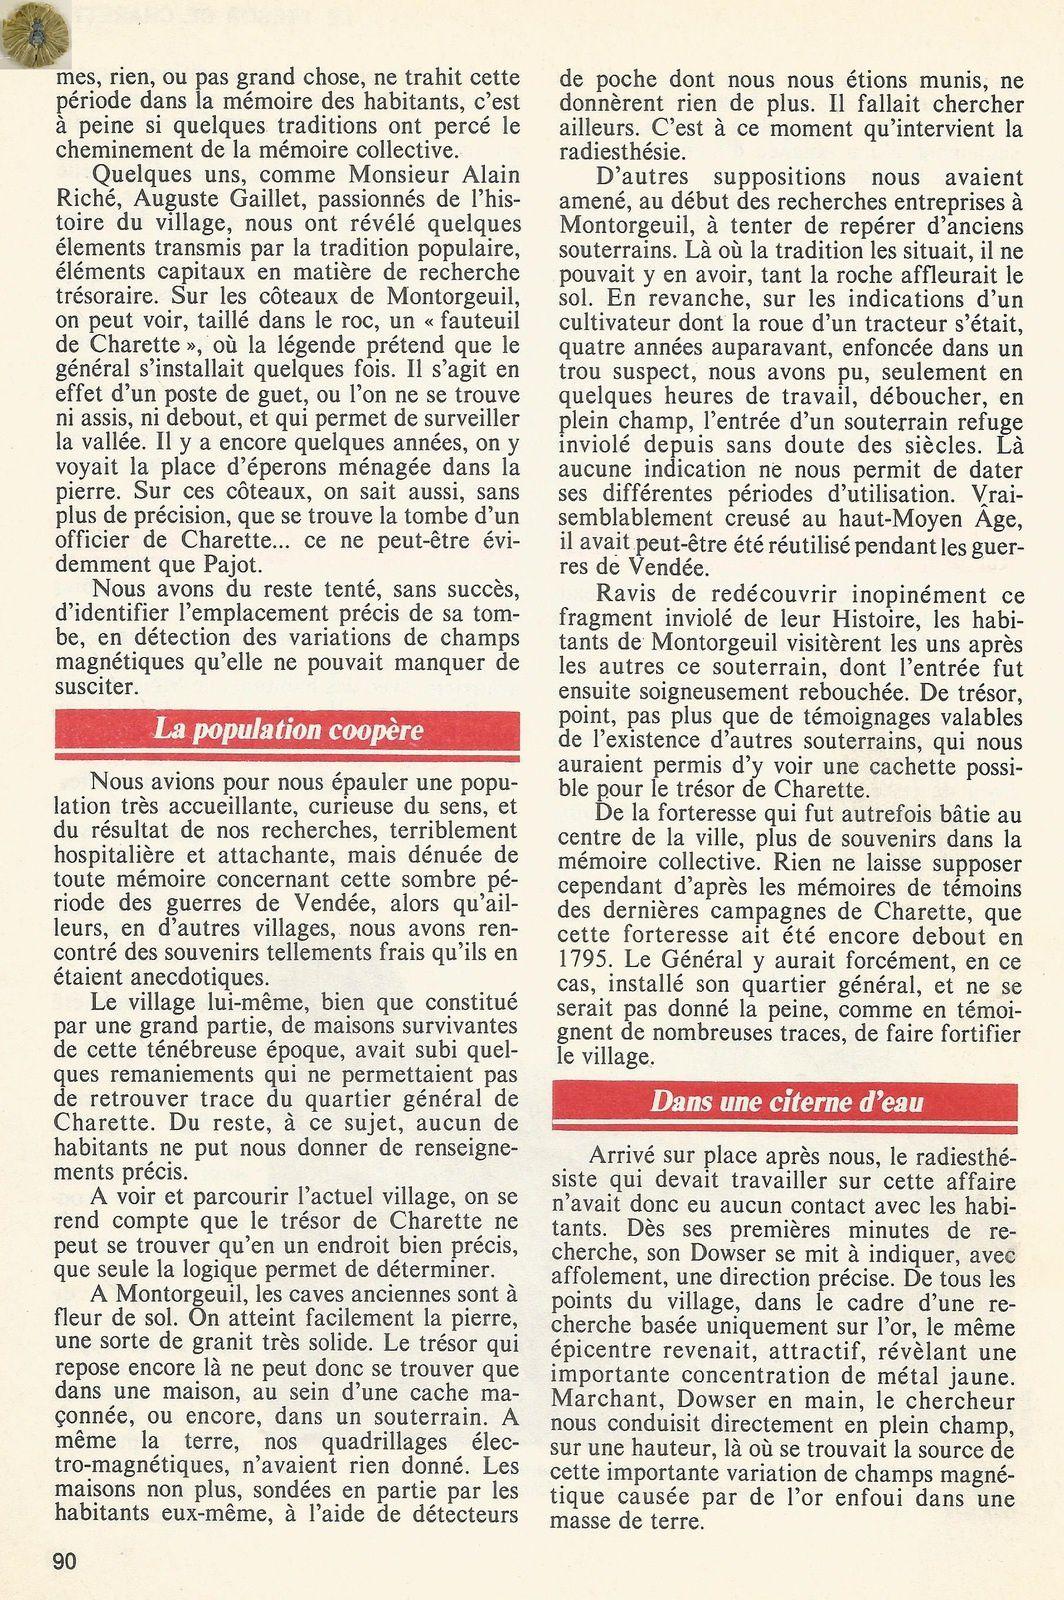 HISTORIA NUMÉRO 471 - MARS 1986